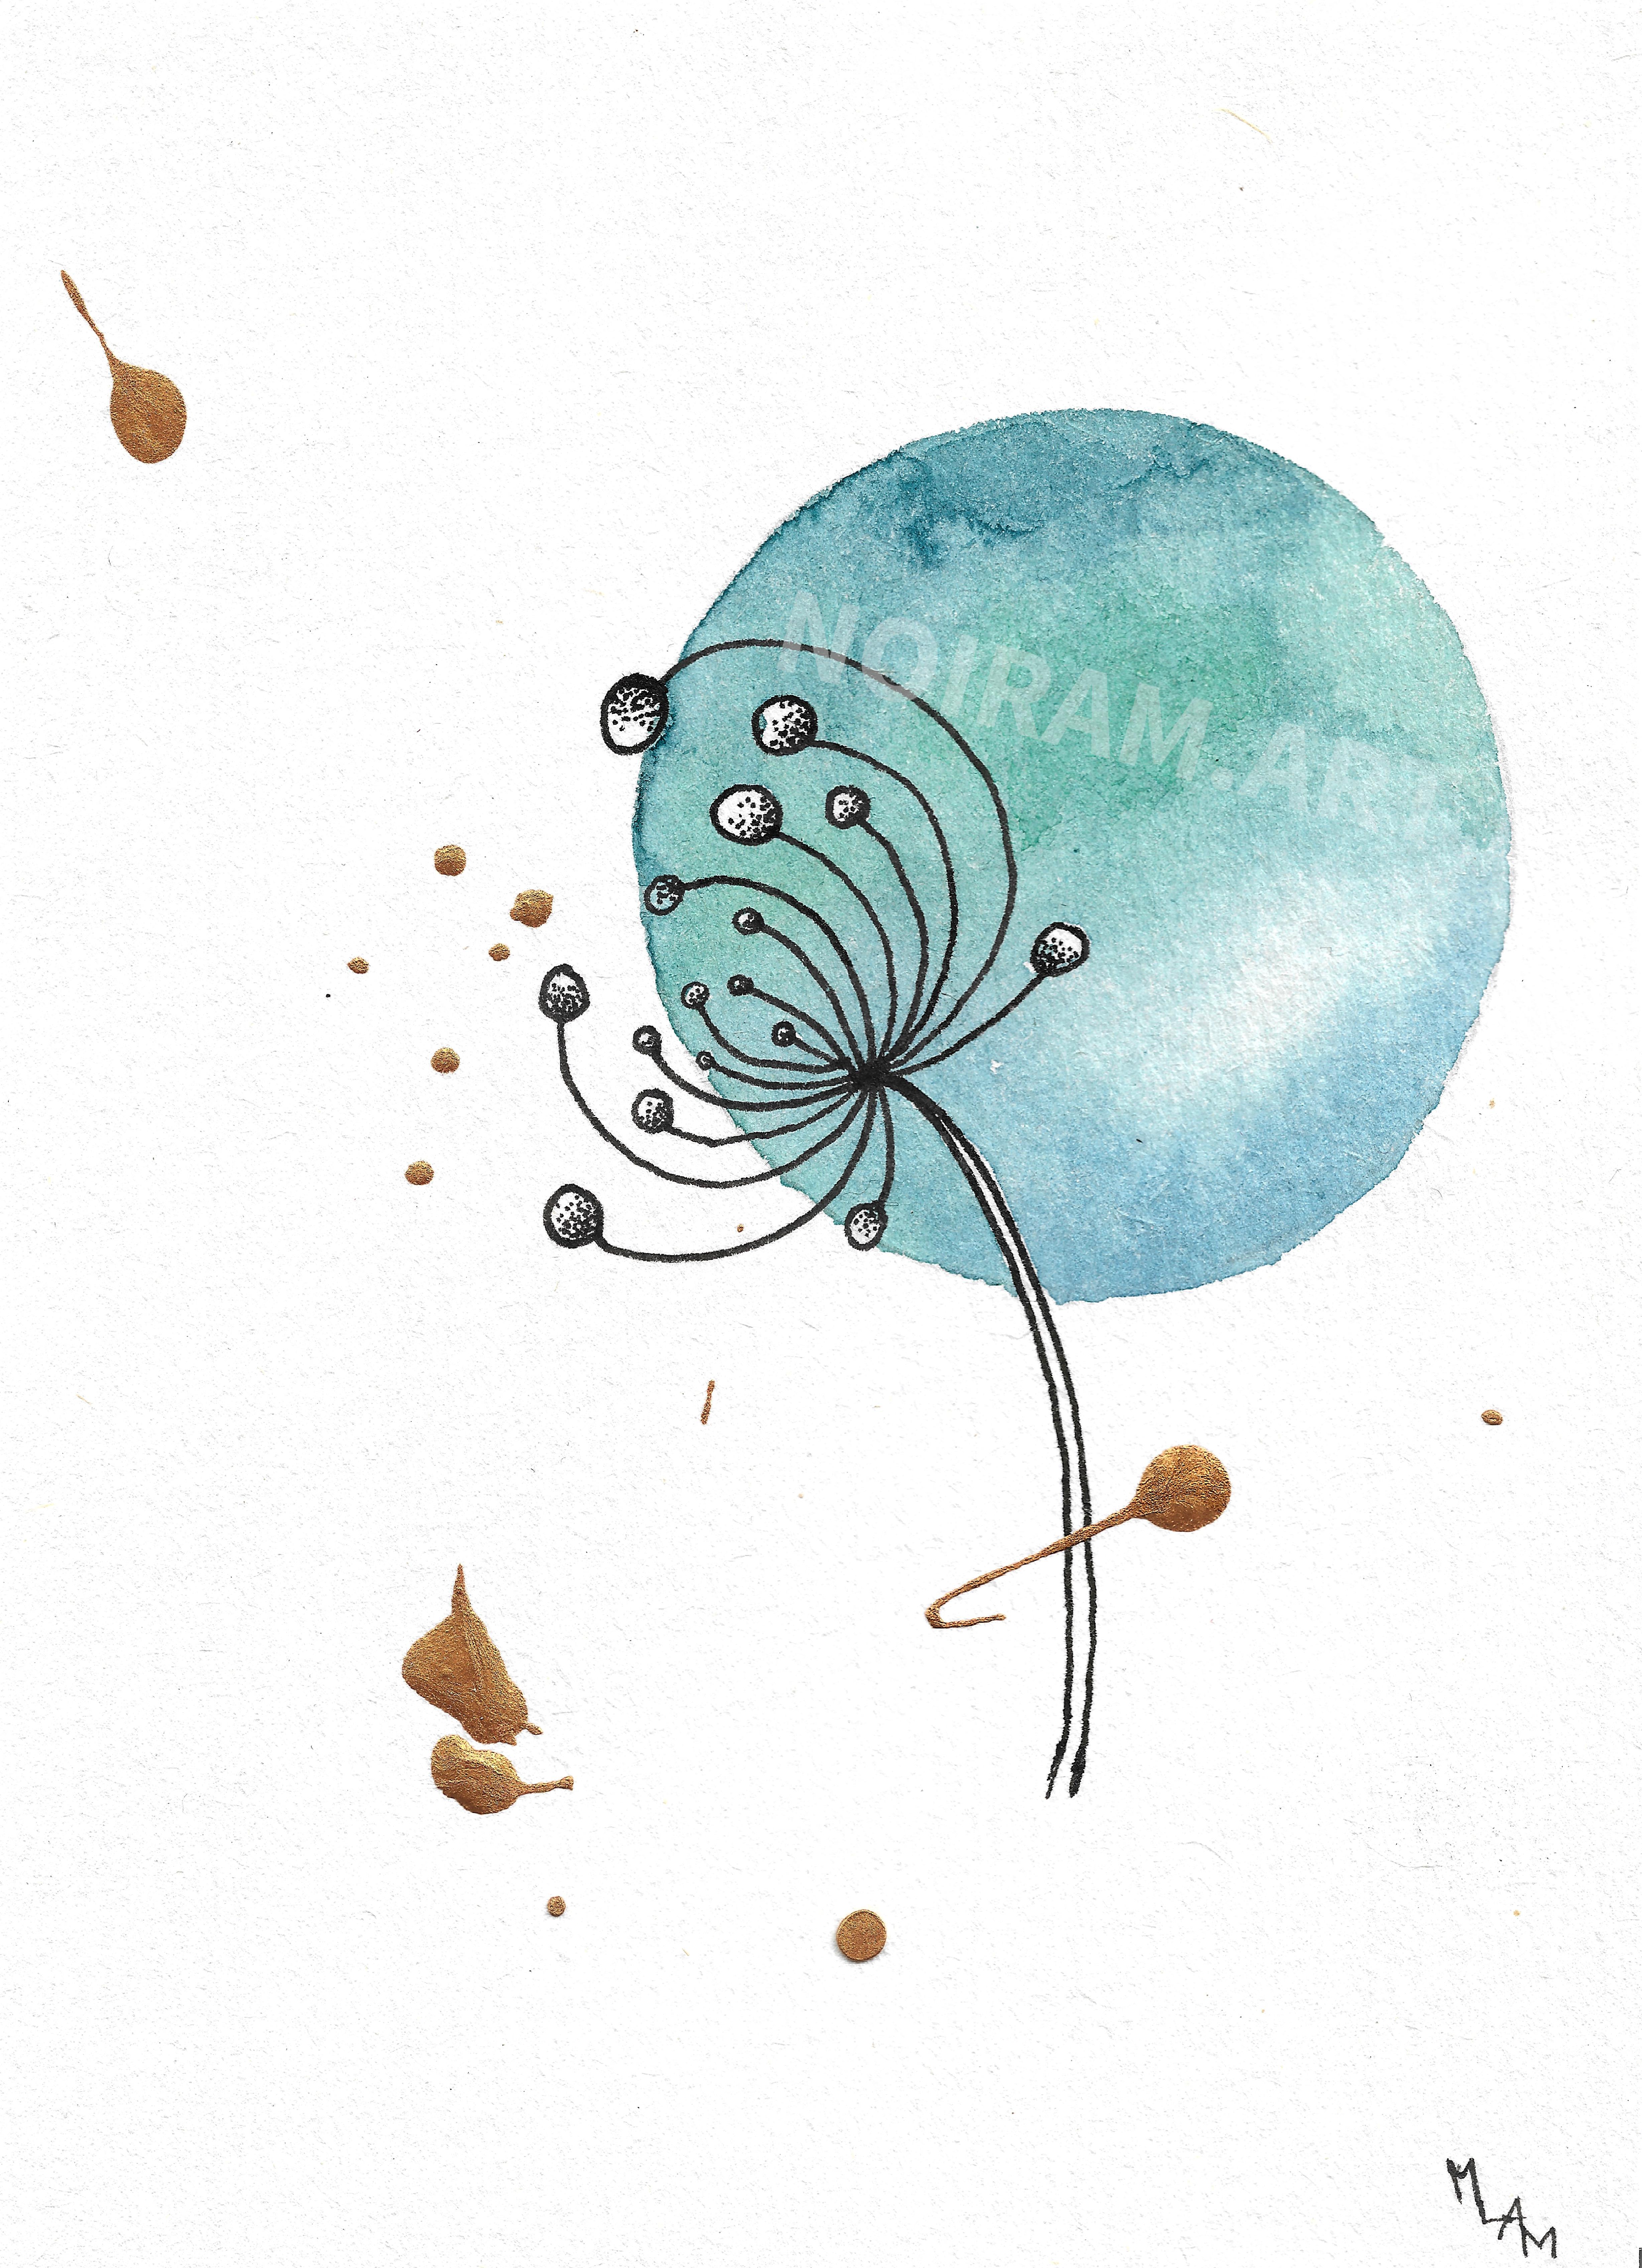 Aquarelle la naissance d'une comète planète plante mlam noiram marion-lorraine poncet